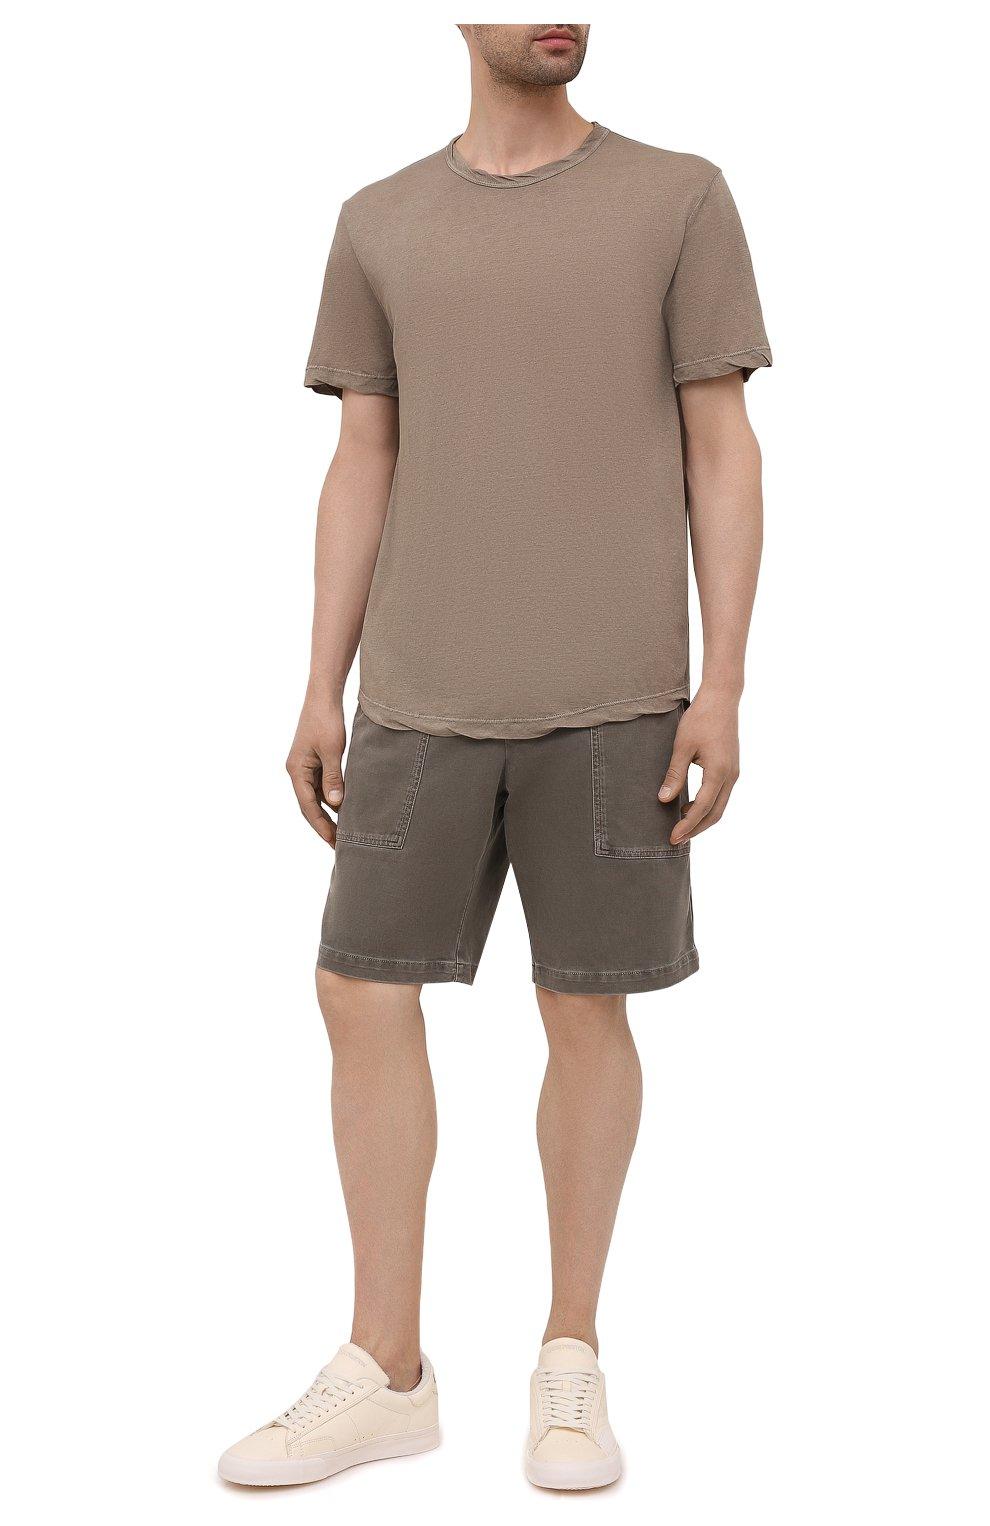 Мужские хлопковые шорты JAMES PERSE хаки цвета, арт. MNW4197 | Фото 2 (Мужское Кросс-КТ: Шорты-одежда; Длина Шорты М: До колена; Принт: Без принта; Материал внешний: Хлопок; Стили: Кэжуэл)